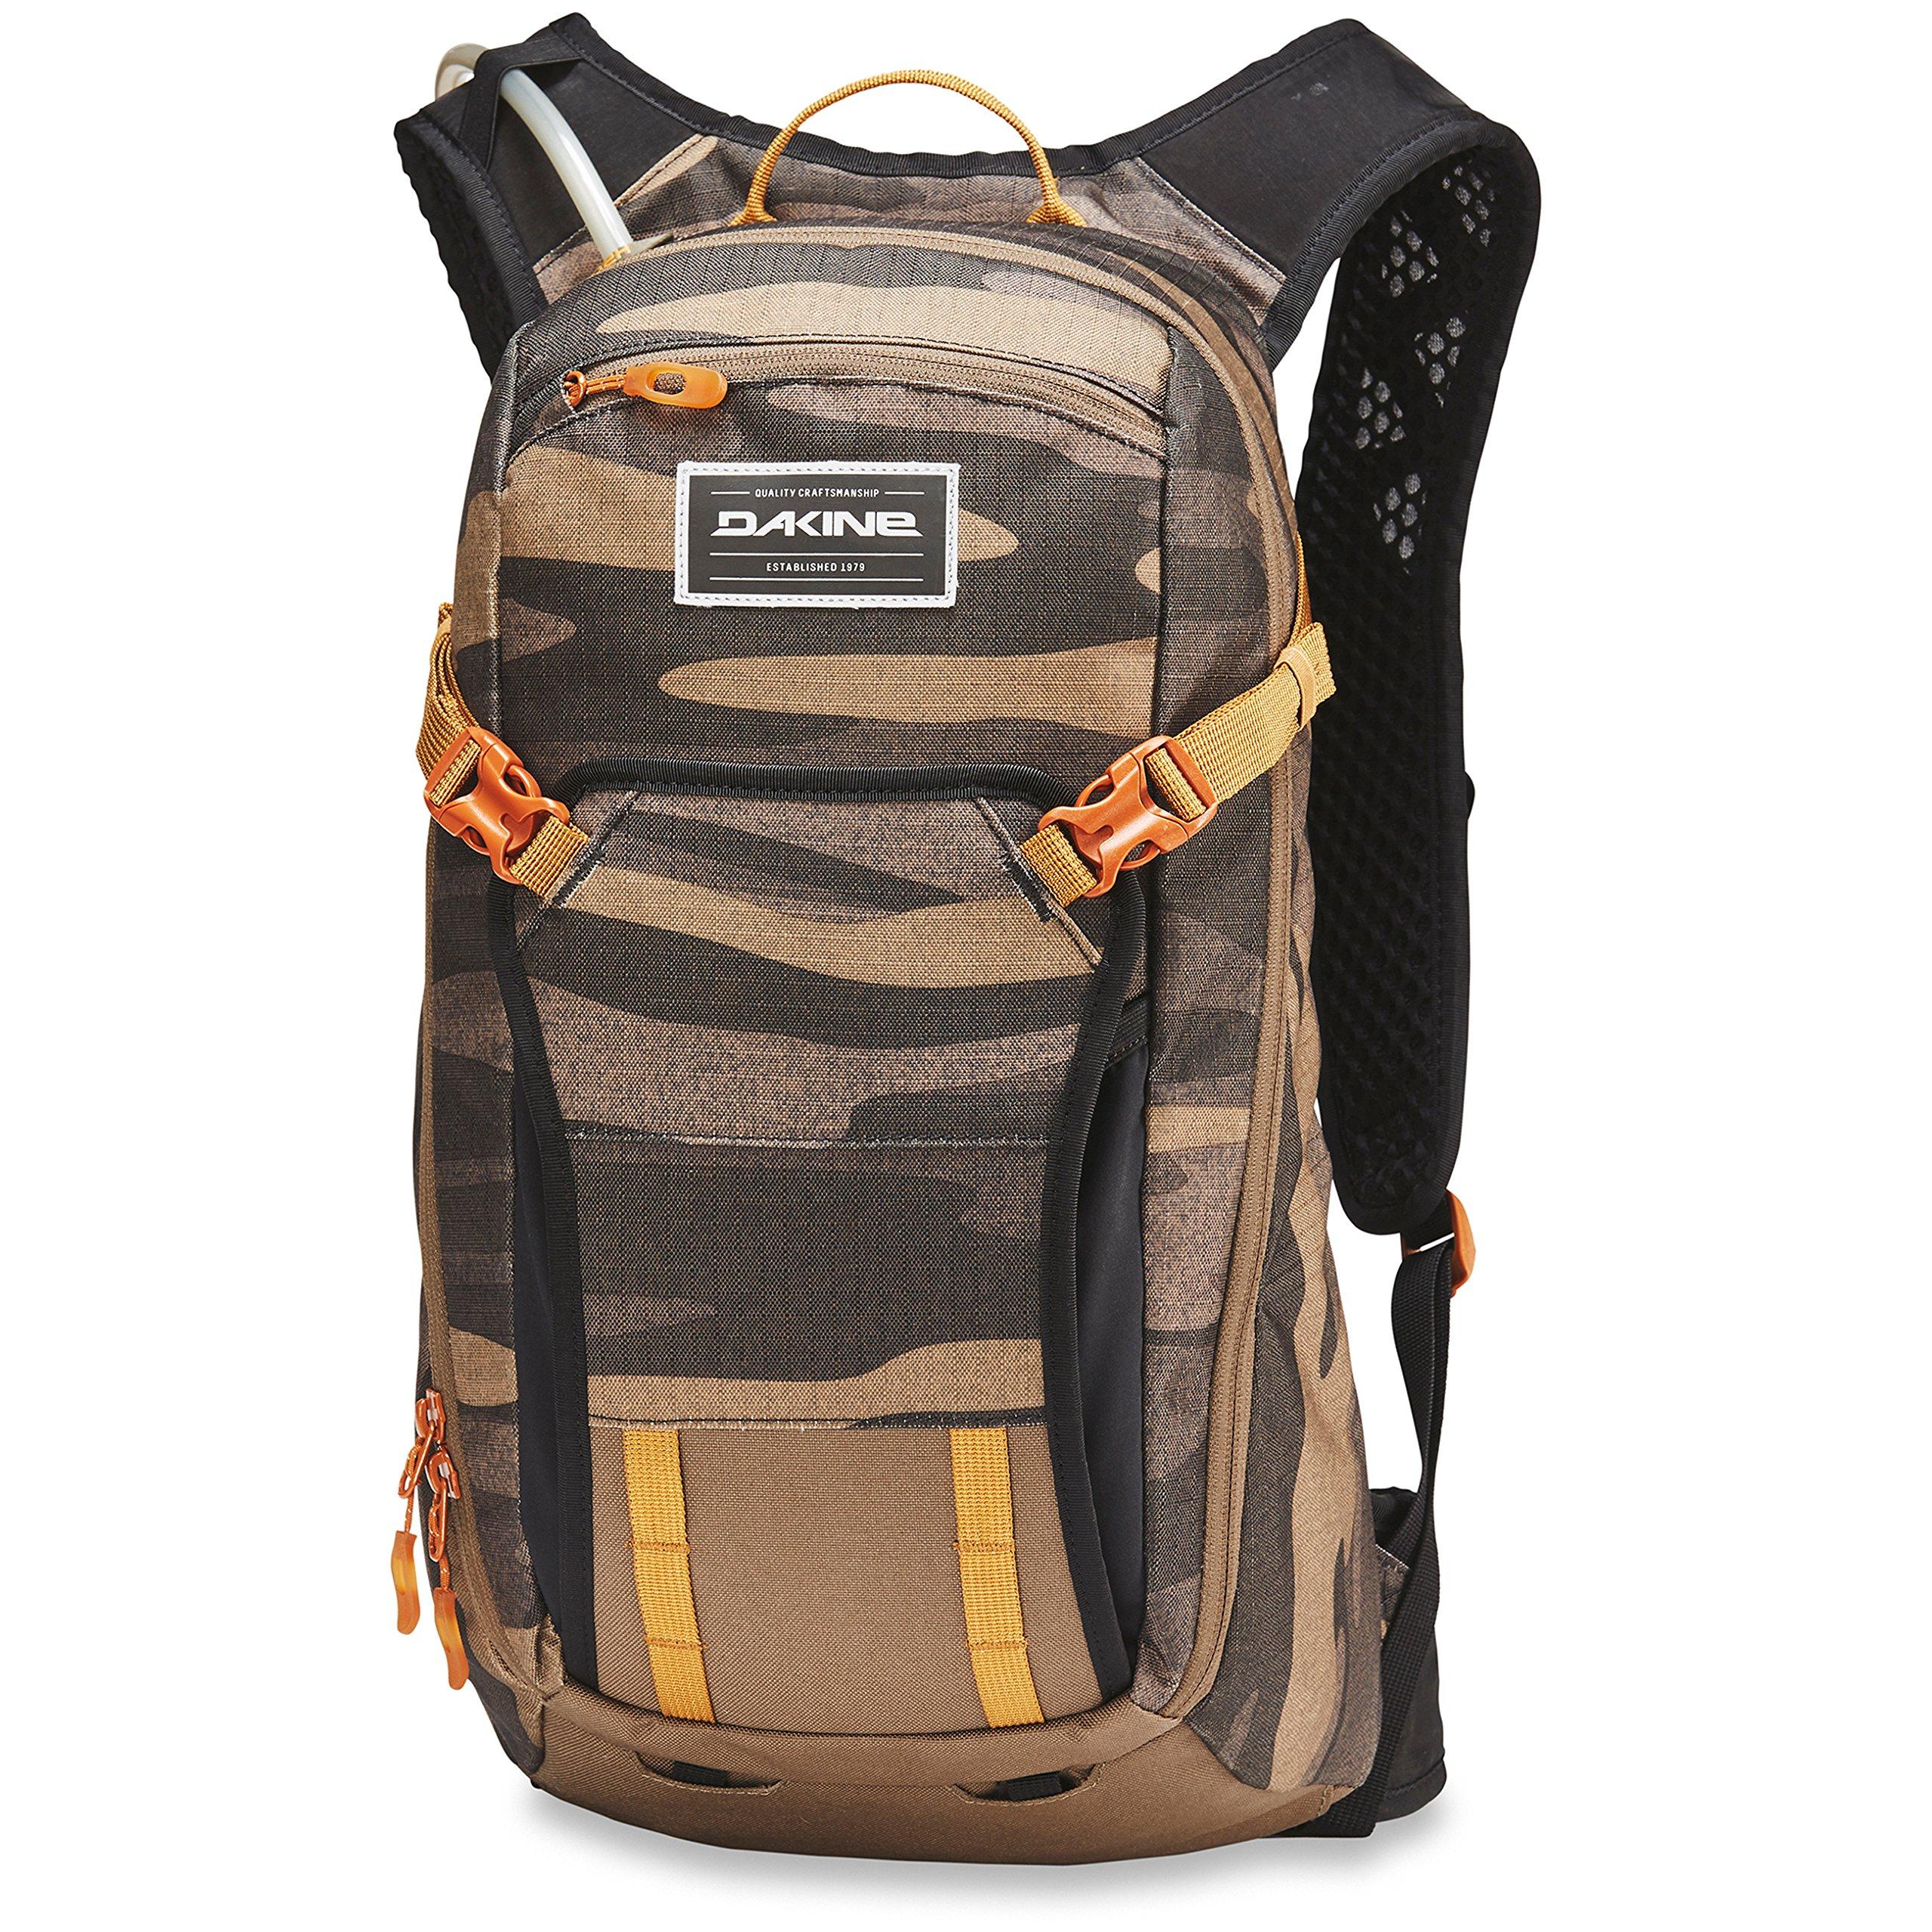 Dakine Men's Drafter 10L Bike Hydration Backpack, Field Camo, One Size